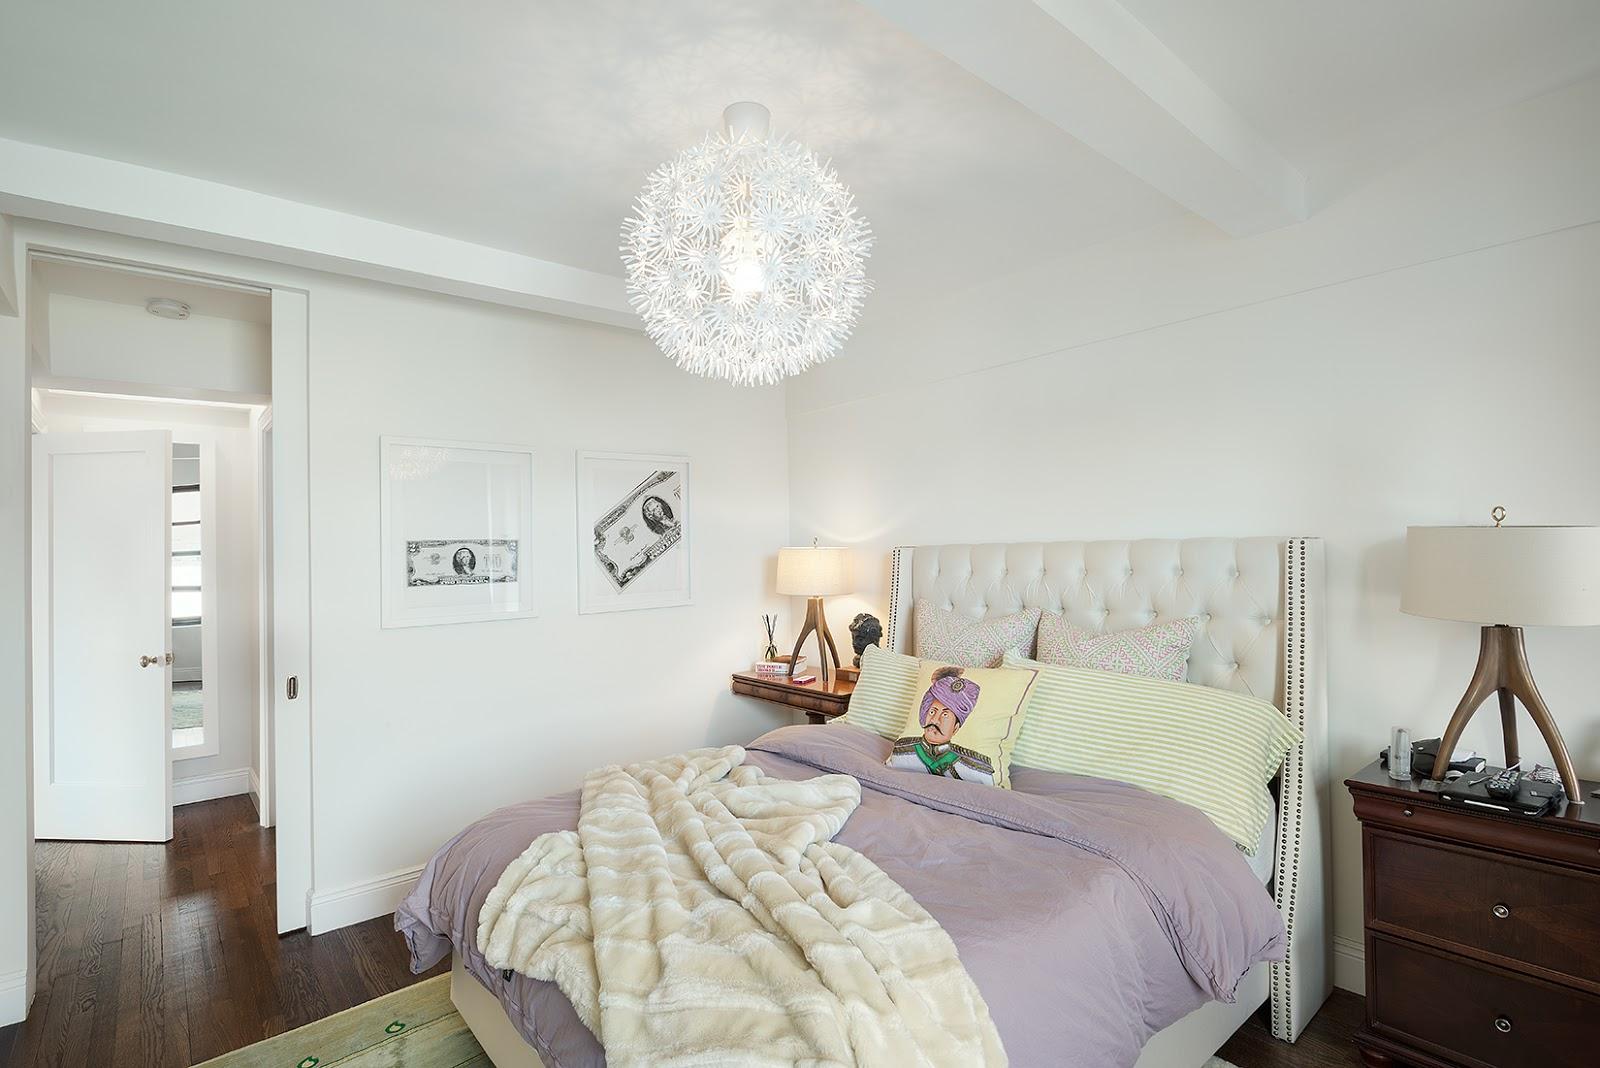 Muebles de dormitorio 5 ideas para decorar tu dormitorio - Ideas para decorar tu dormitorio ...